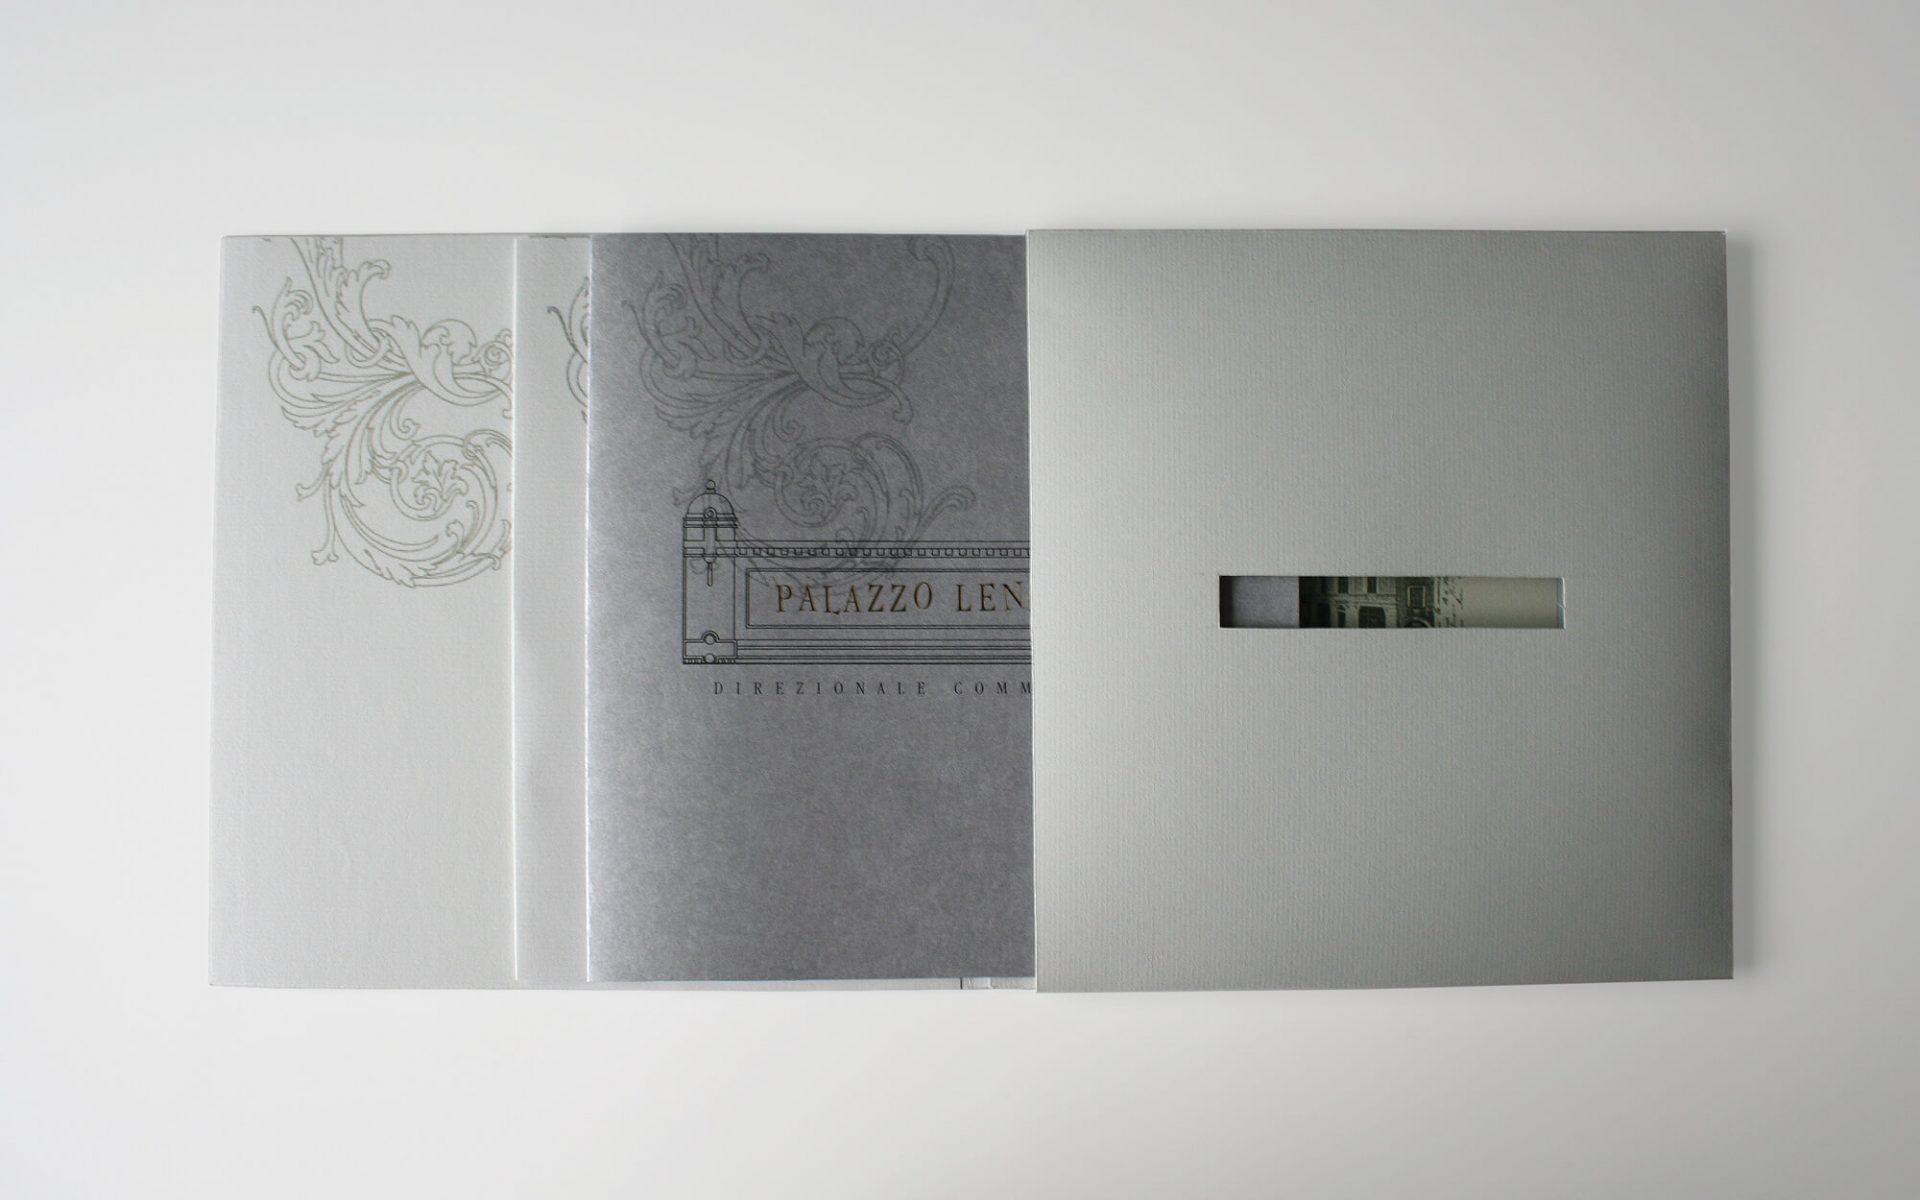 diadestudio agenza di pubblicità, progetto per elegante brochure e cofannetto, vendita immobile di pregio a Rovereto